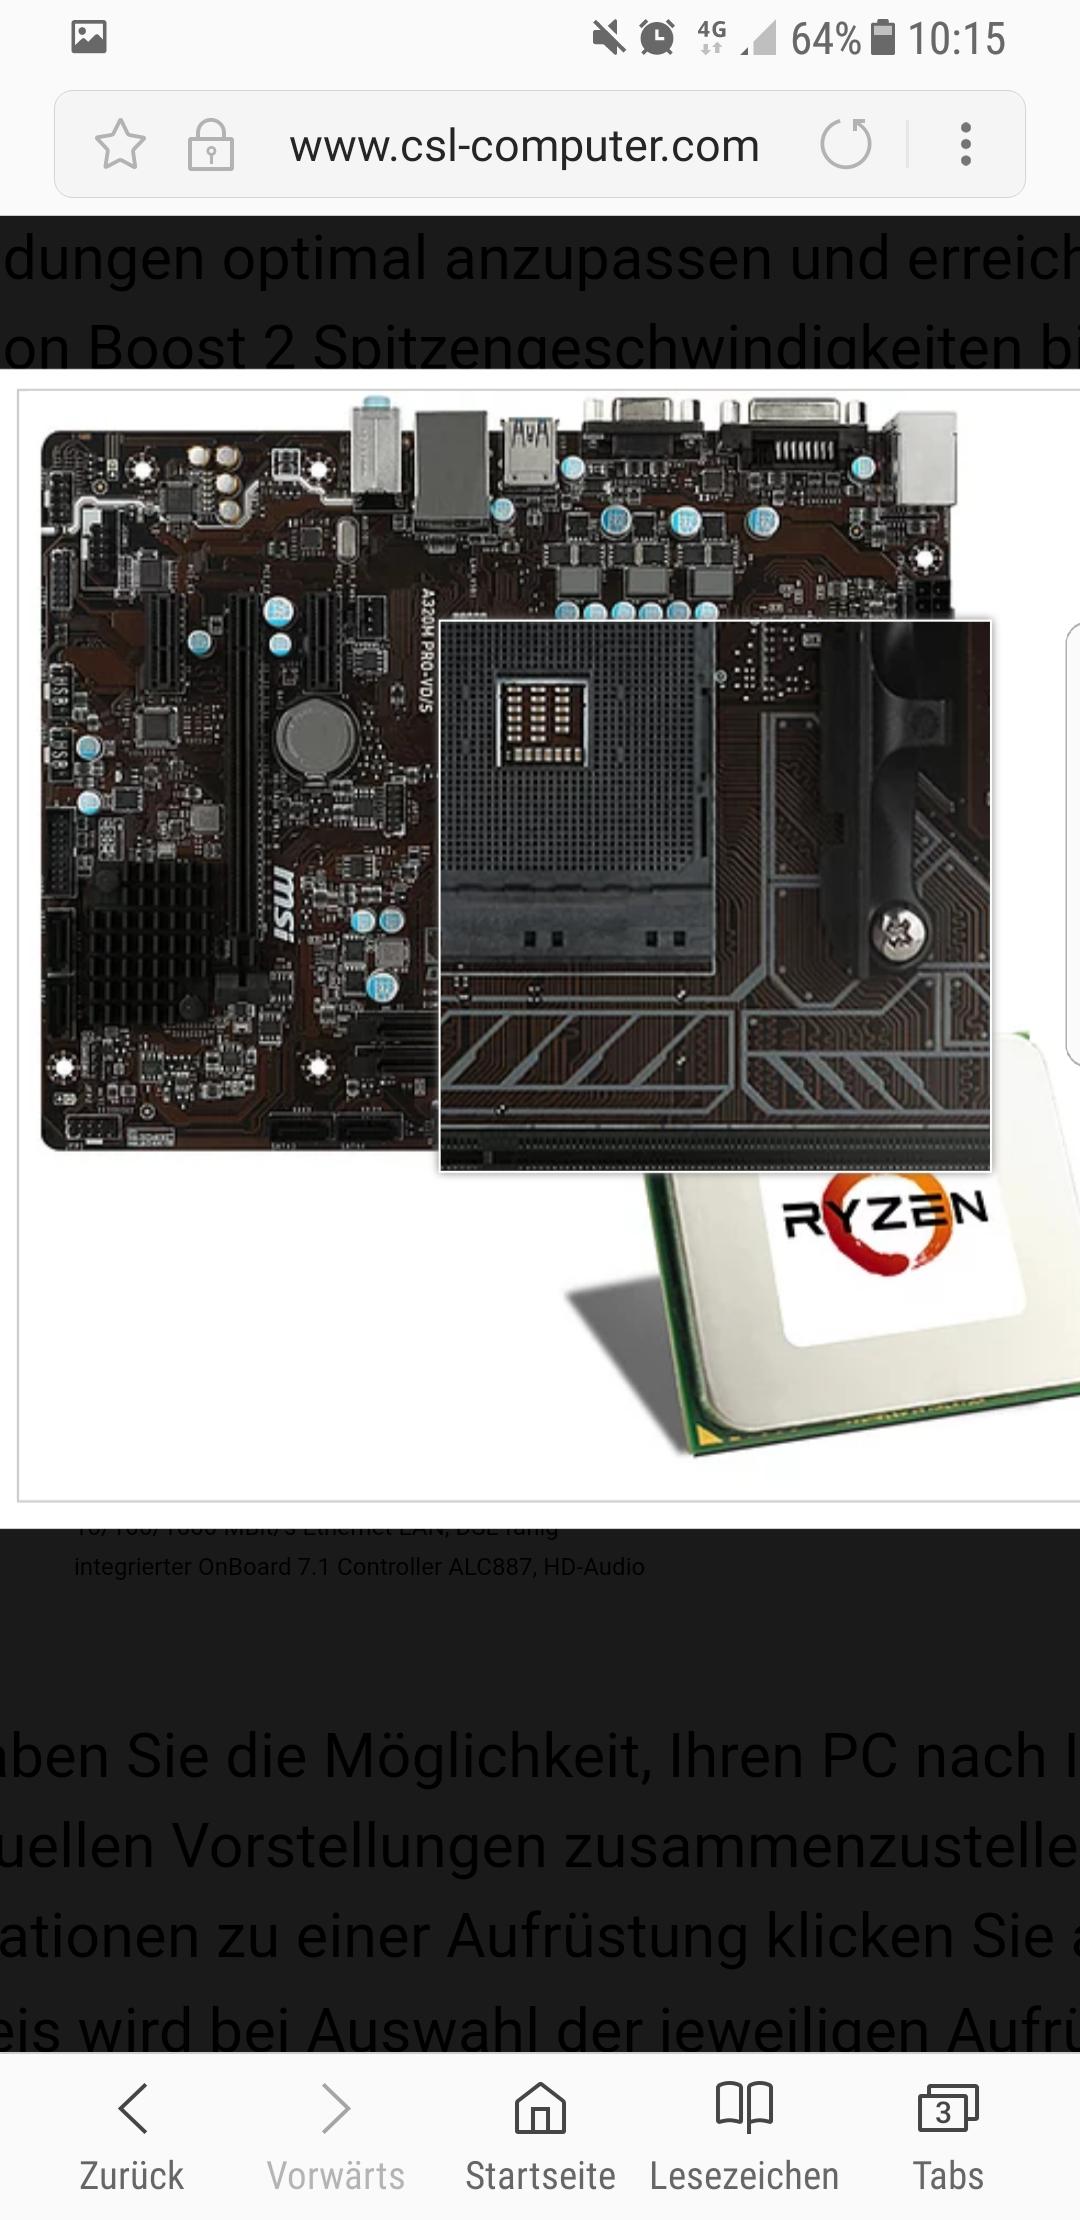 Ryzen cpu 2200G +A320 m + Rx 580